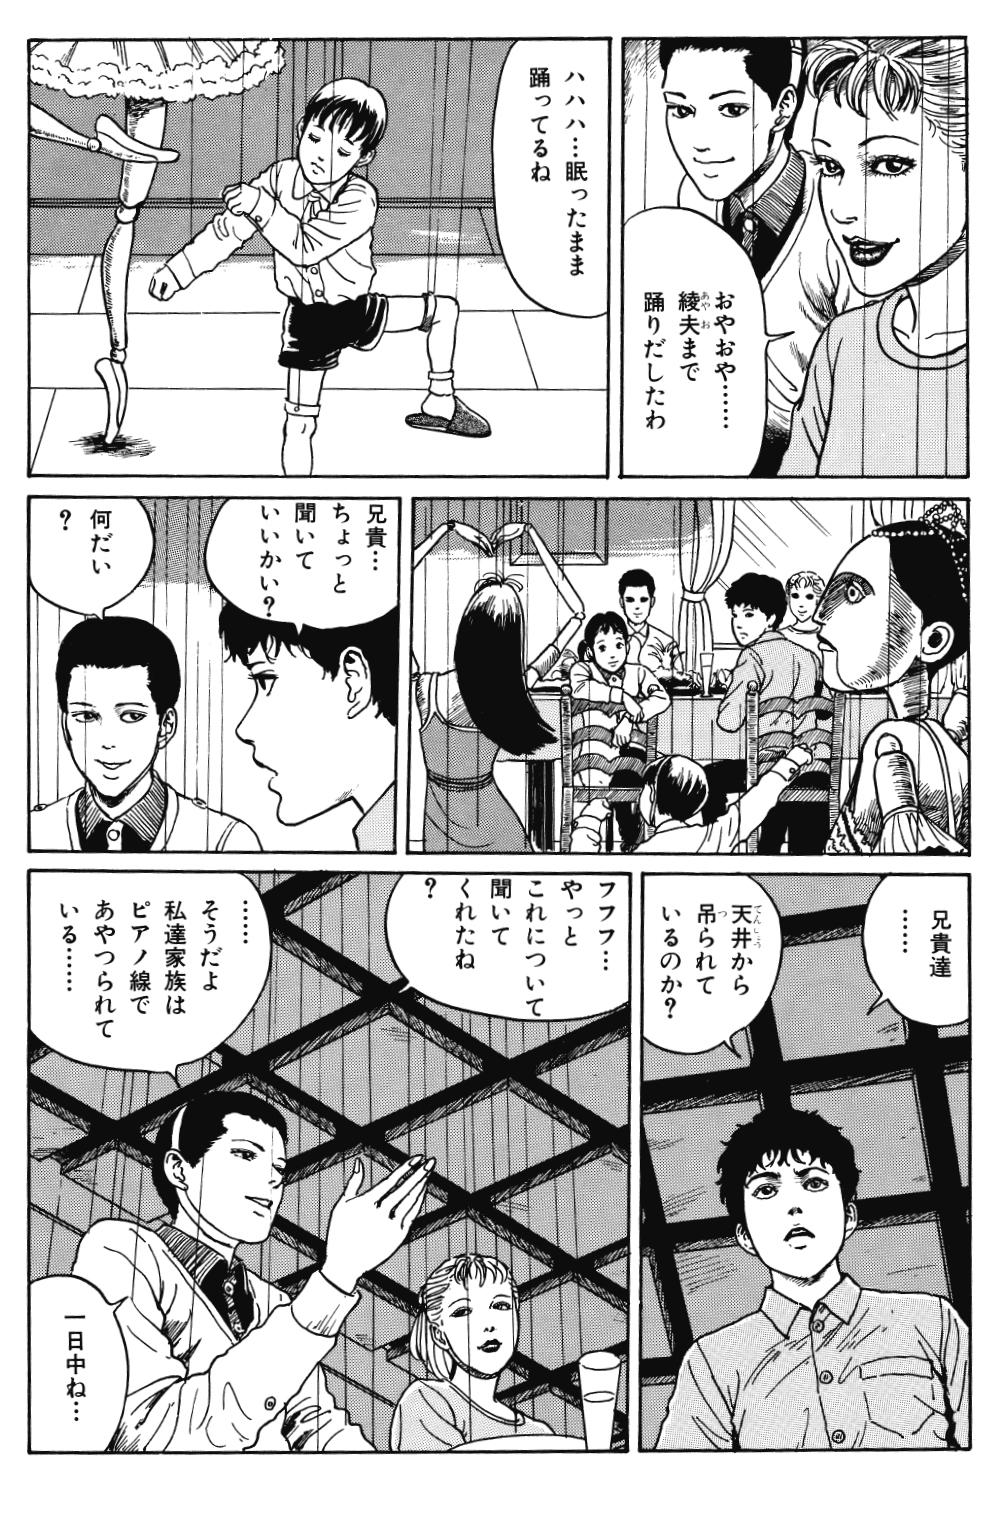 伊藤潤二自選傑作集 第5話「あやつり屋敷」②ayaturiyasiki-2-201.jpg